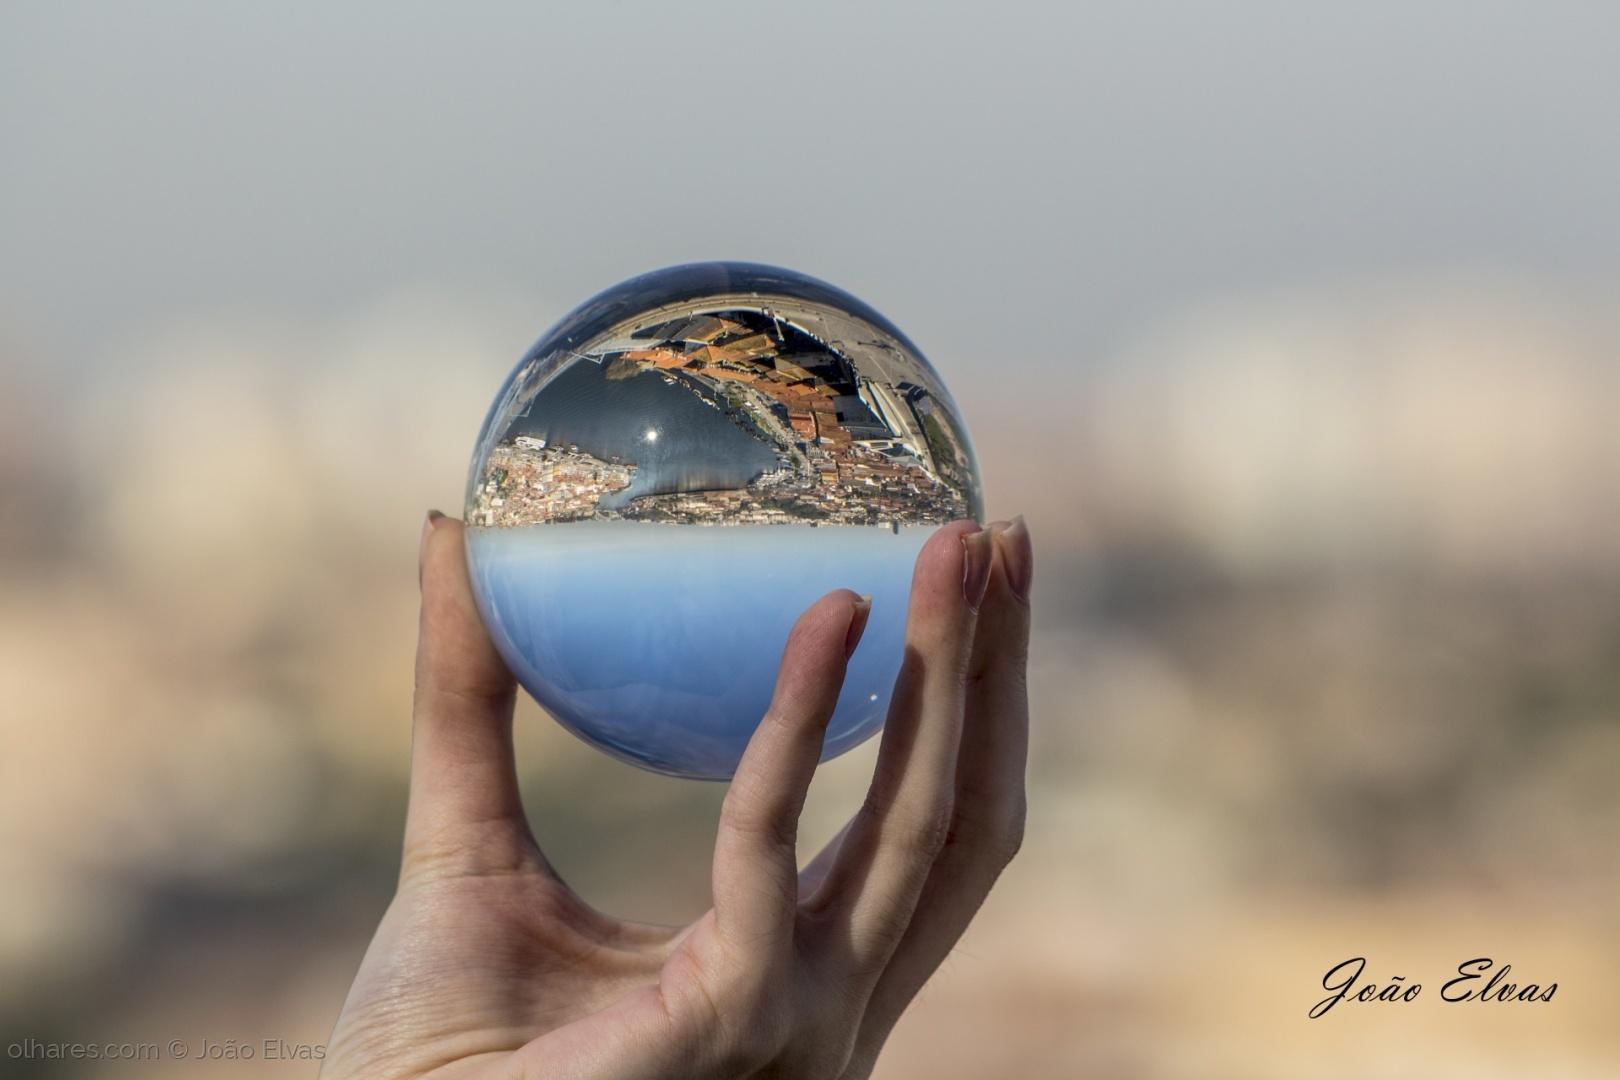 Abstrato/Ribeira refletida na bola cristal